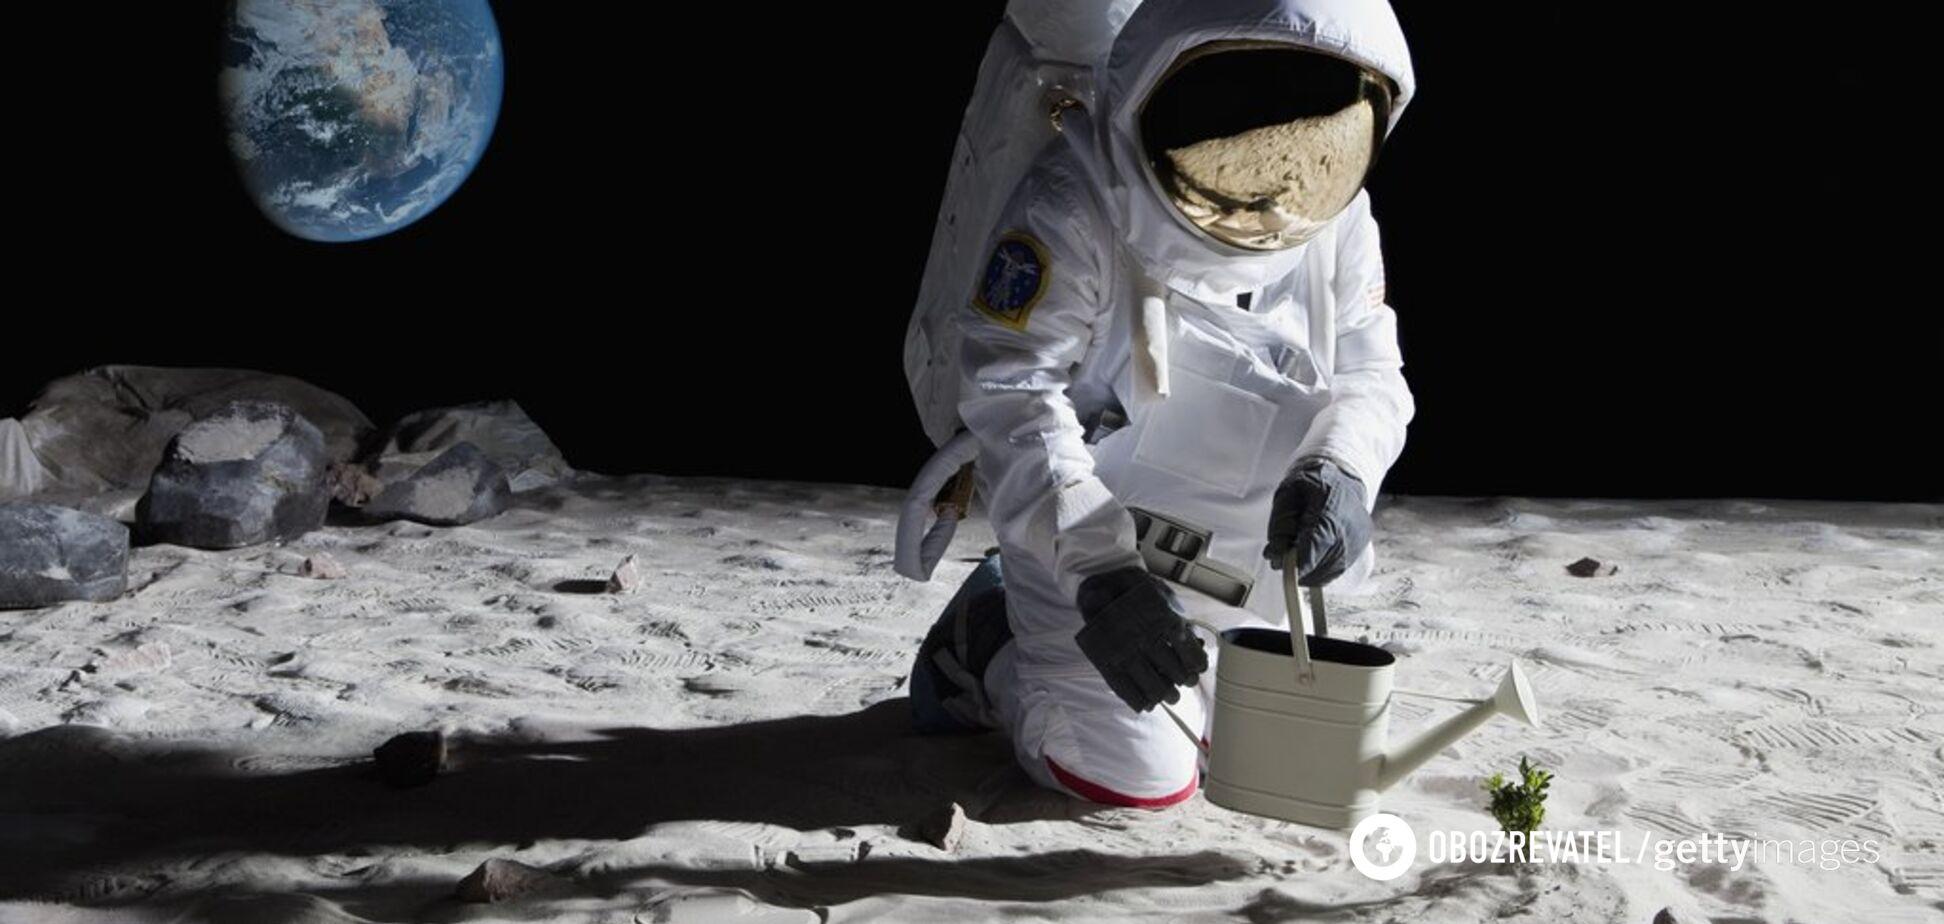 У ґрунтах Місяця й Марса може бути життя: вчені зробили гучну заяву